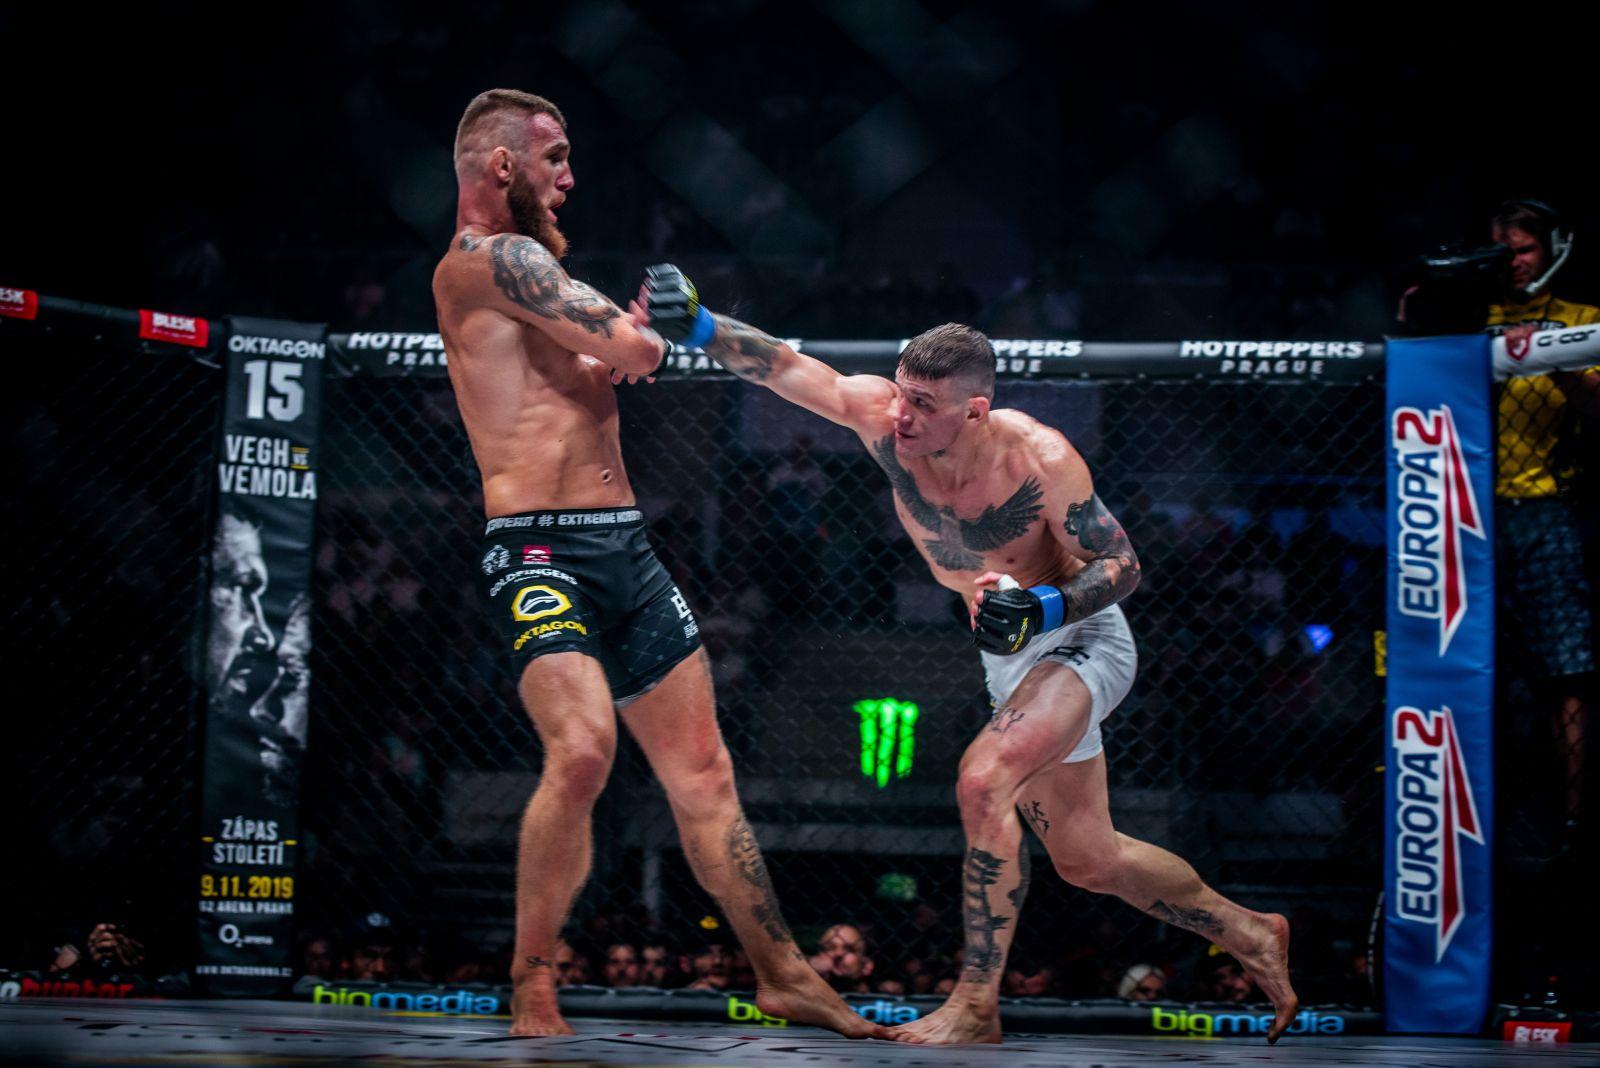 Nový šampion a bitva o krále Bratislavy. Oktagon fanouškům MMA přinesl další nezapomenutelný zážitek